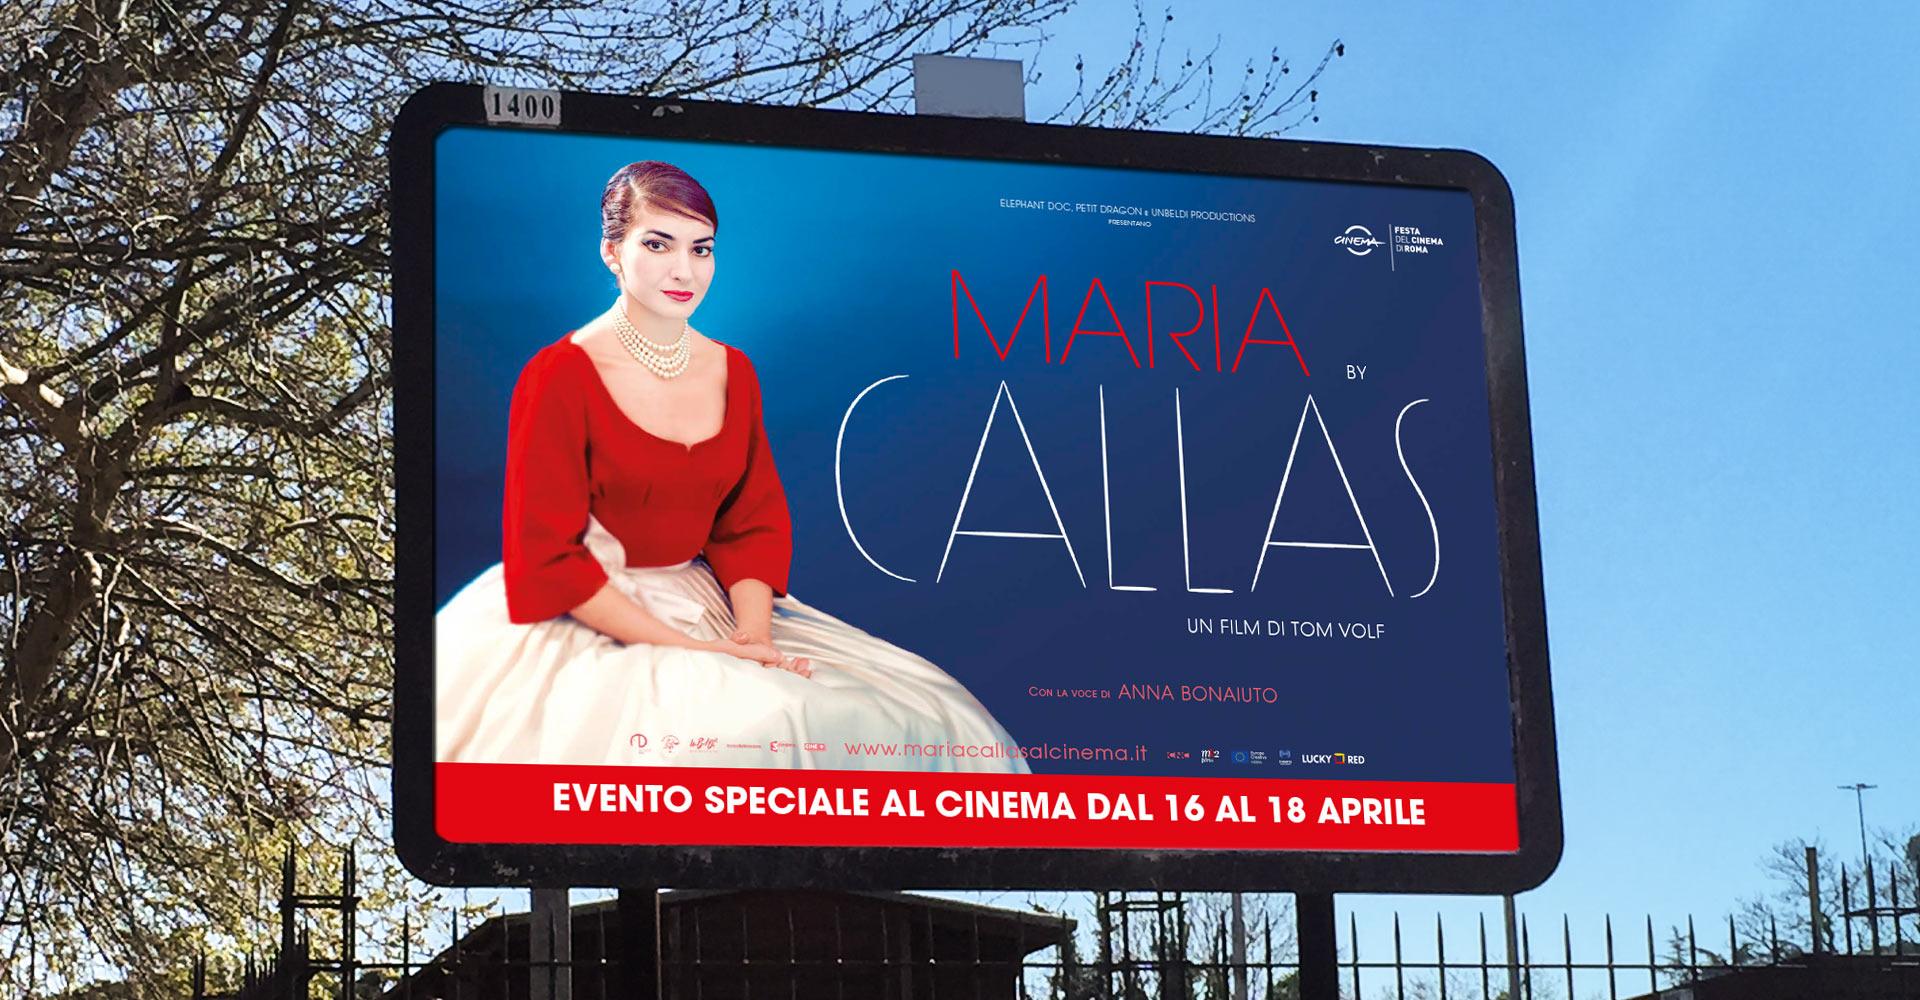 Callas_Behance_07